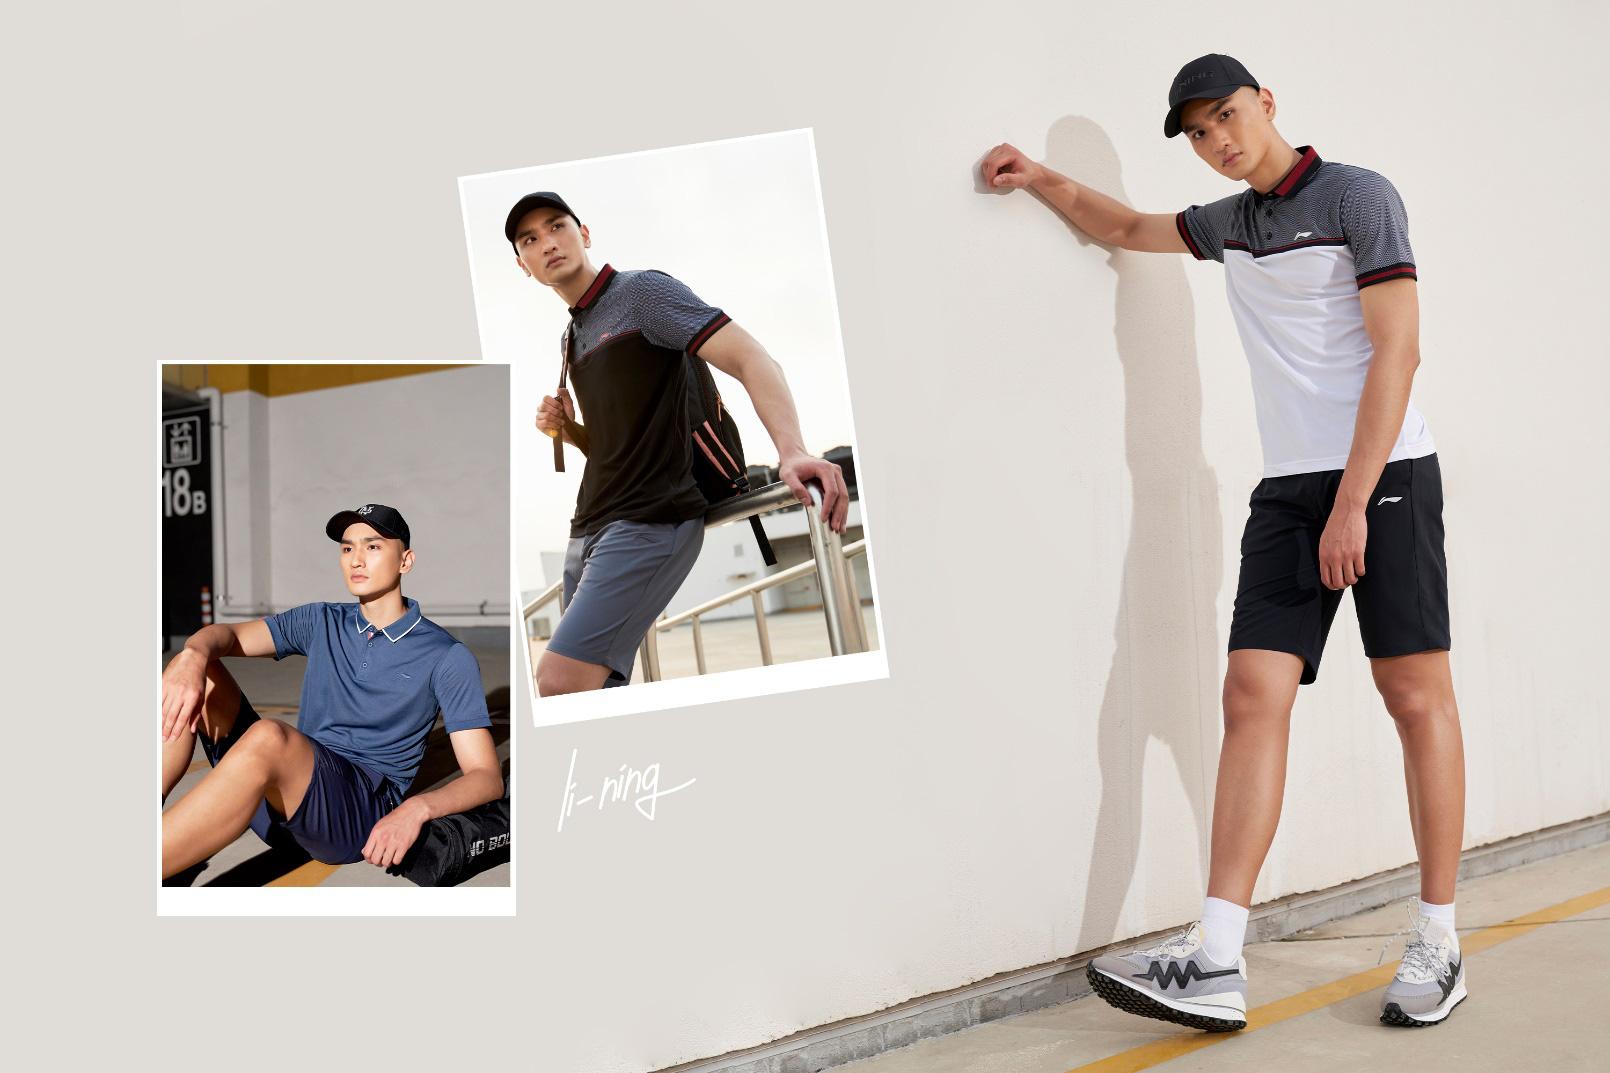 Khám phá mùa hè sôi động với lookbook New Season - New Challenge của Li-Ning - Ảnh 3.